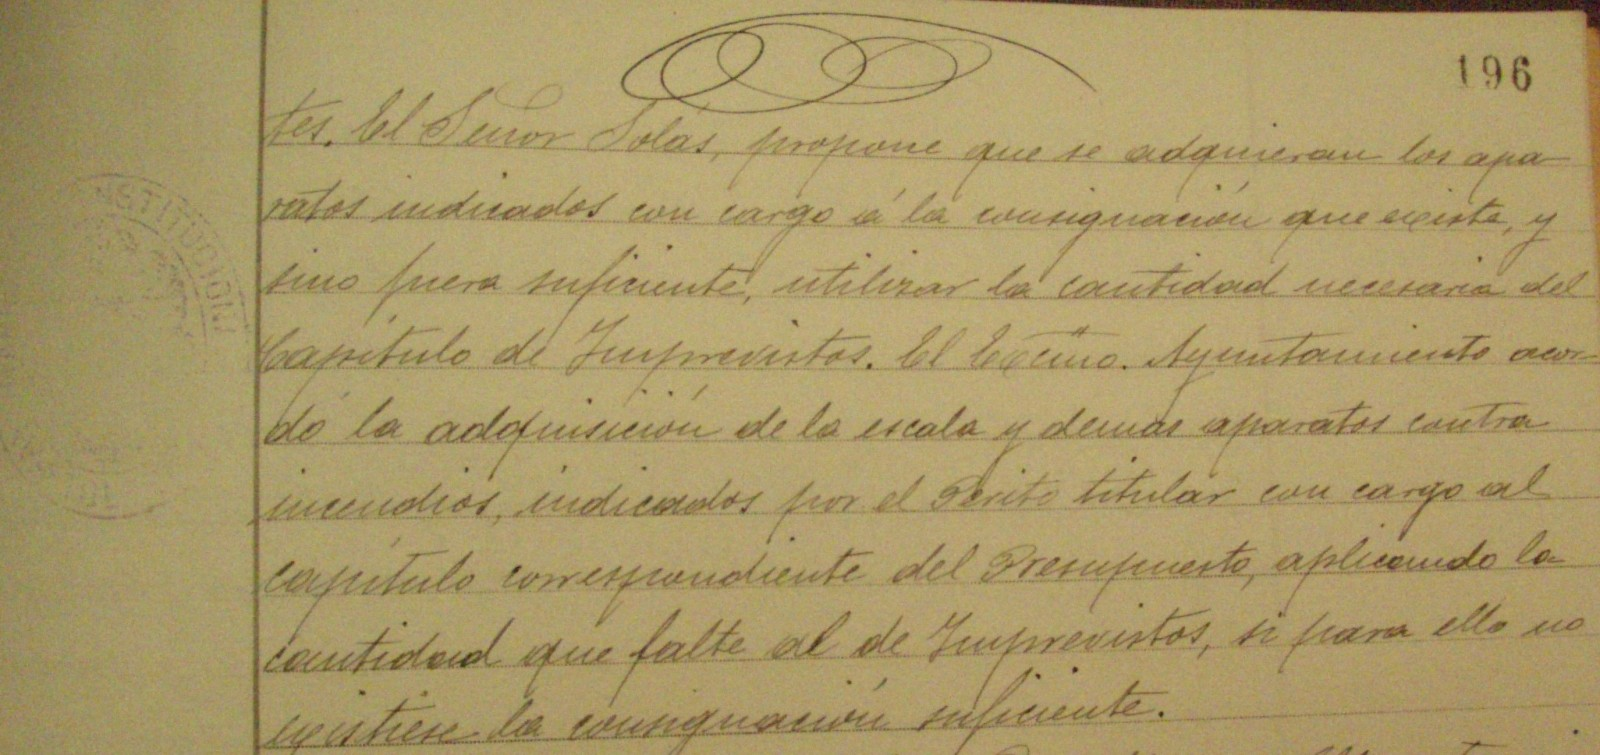 Libro de actas Ayto.Toledo . Octubre 1902-noviembre 1903, p. 196, Comunicación del Arquitecto sobre adquisición de material de incendios